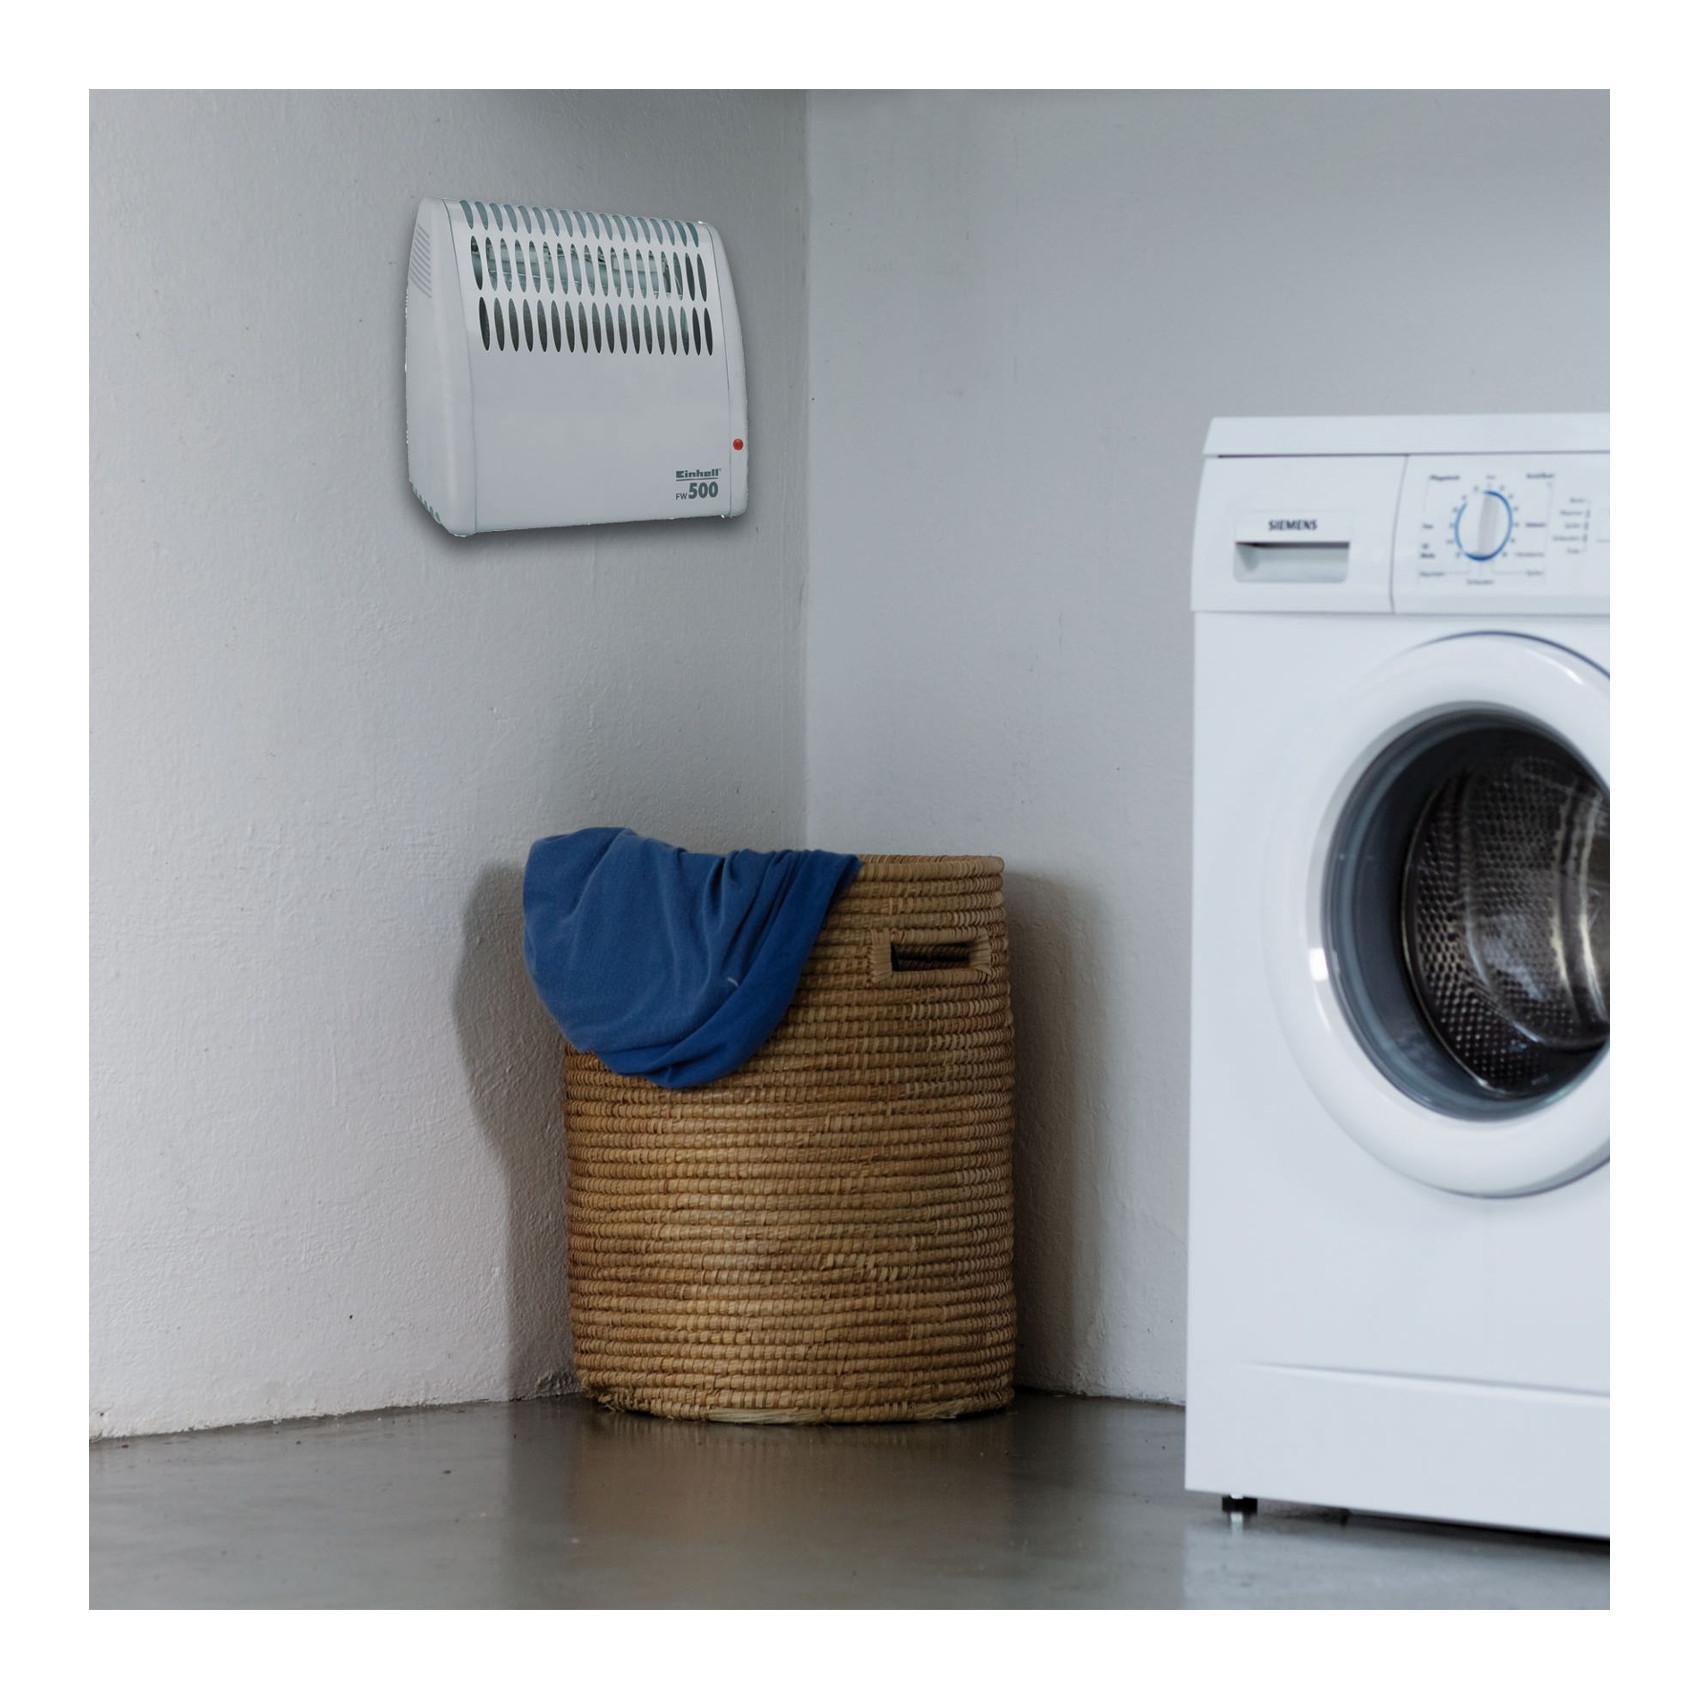 einhell frostw chter fw 500 jetzt verbessert 500 watt mica heizelement stufenloses. Black Bedroom Furniture Sets. Home Design Ideas